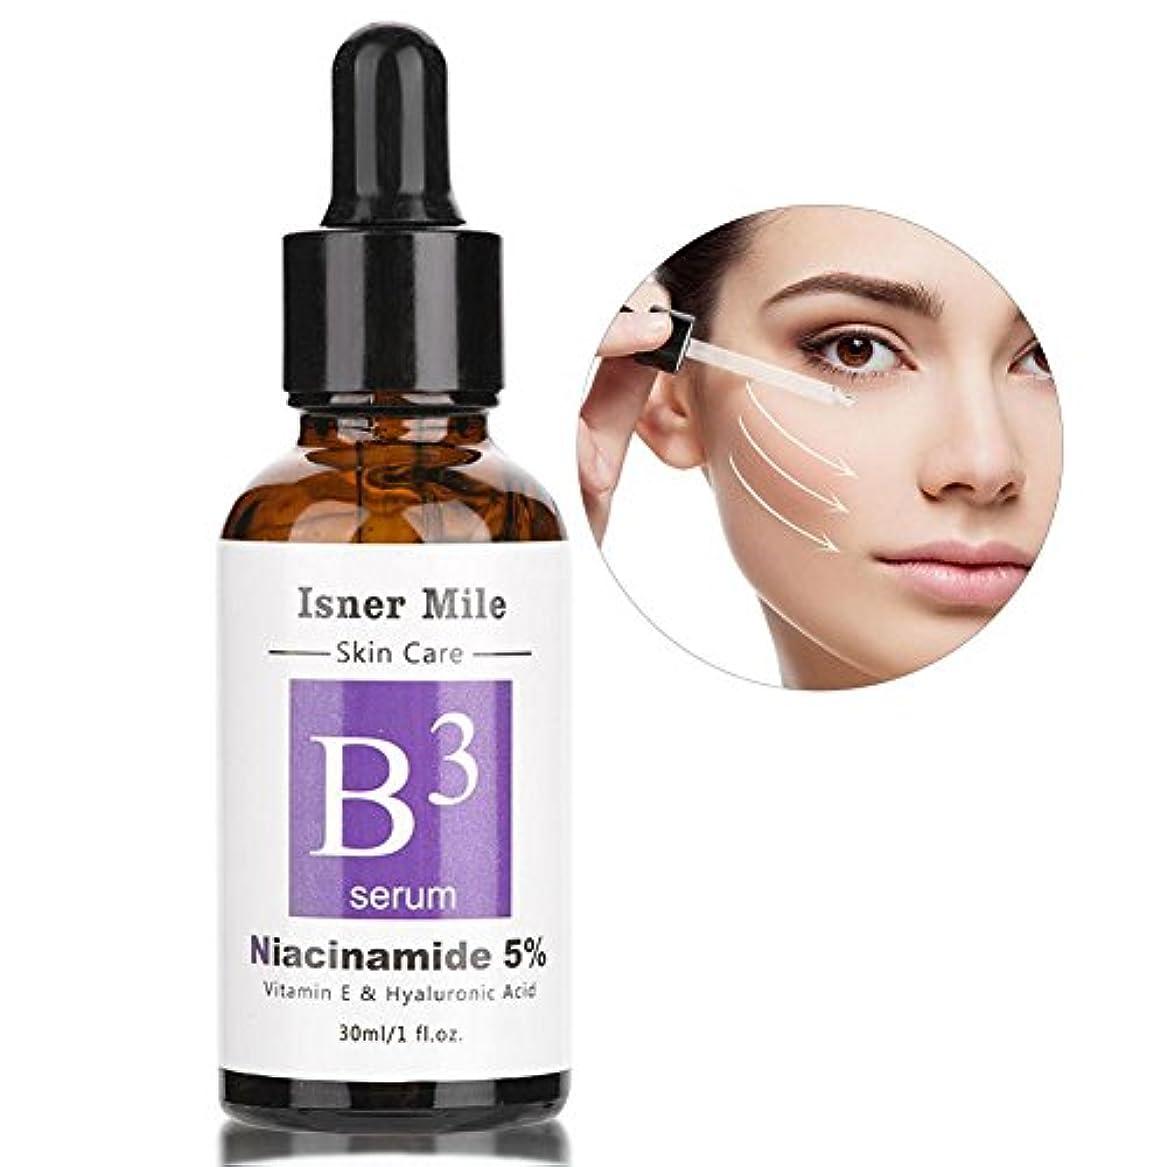 非公式どっち現実的スキンケアエッセンス、ピュア5%ナイアシンアミドビタミンE&ヒアルロン酸フェイスセラムモイスチャライジング 顔のケア プレゼント